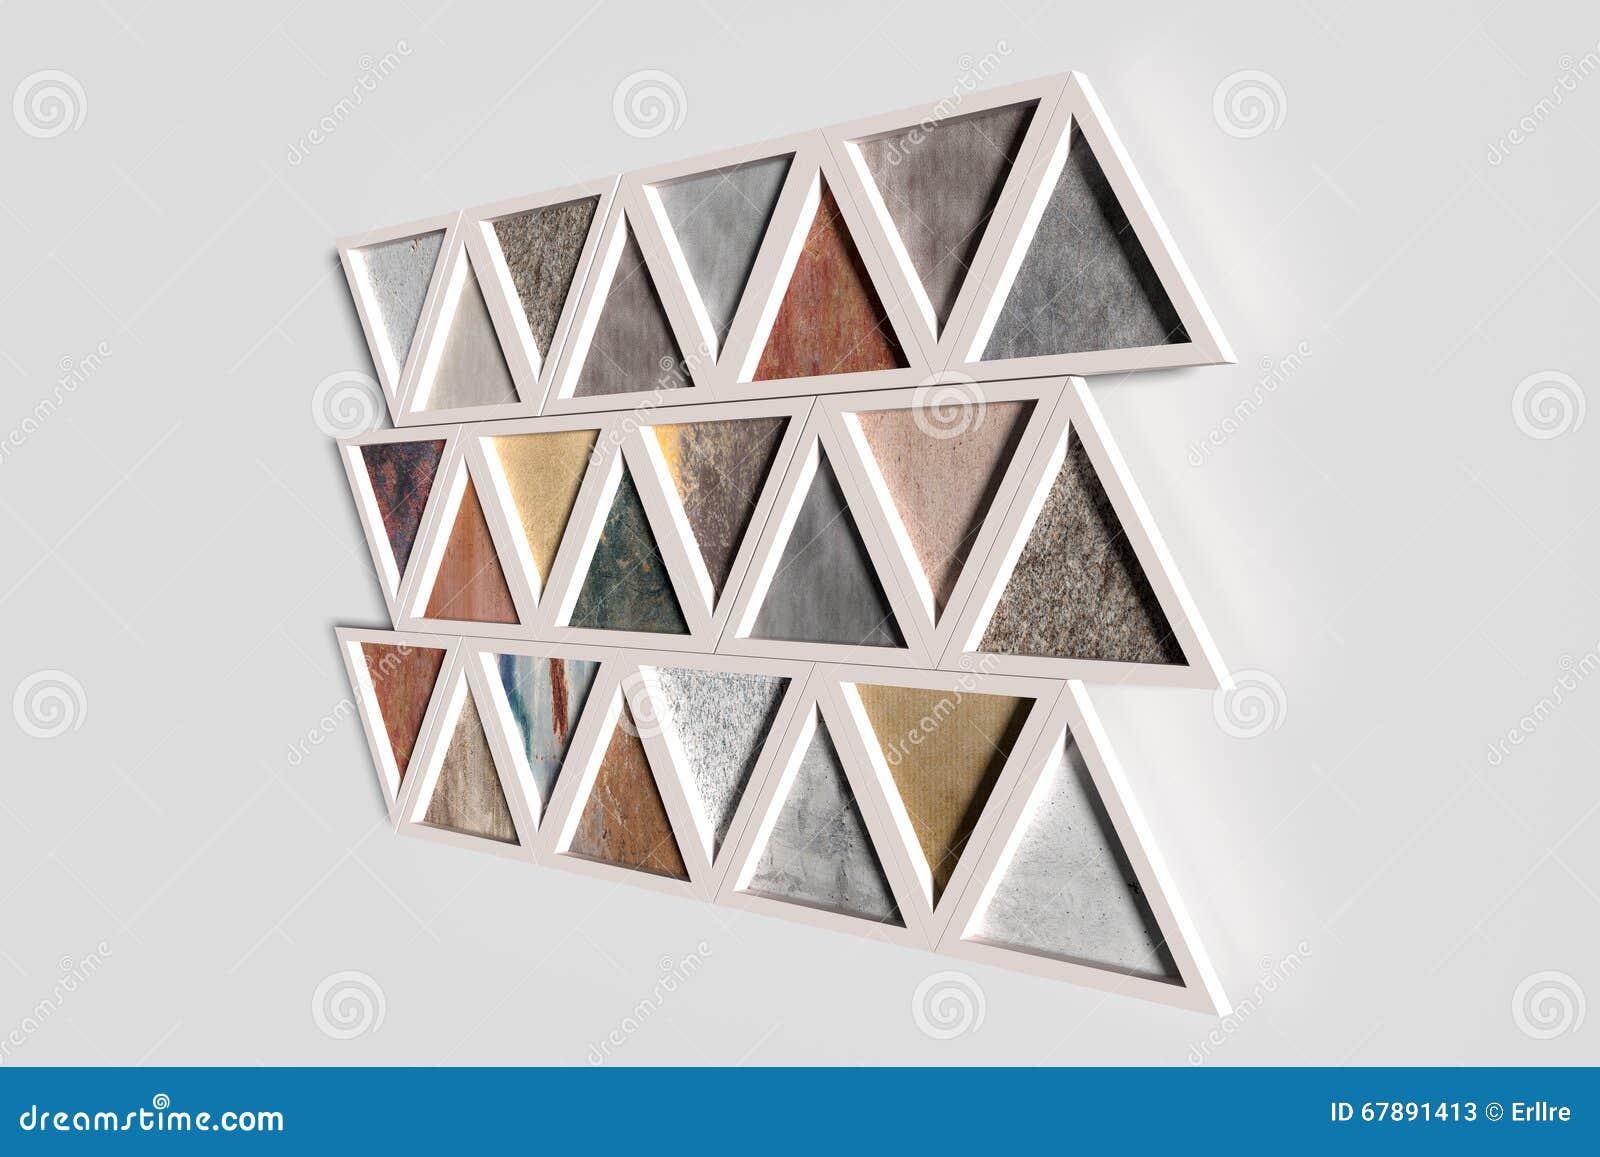 Wand mit Dreiecken von verschiedenen Materialien in den weißen Rahmen